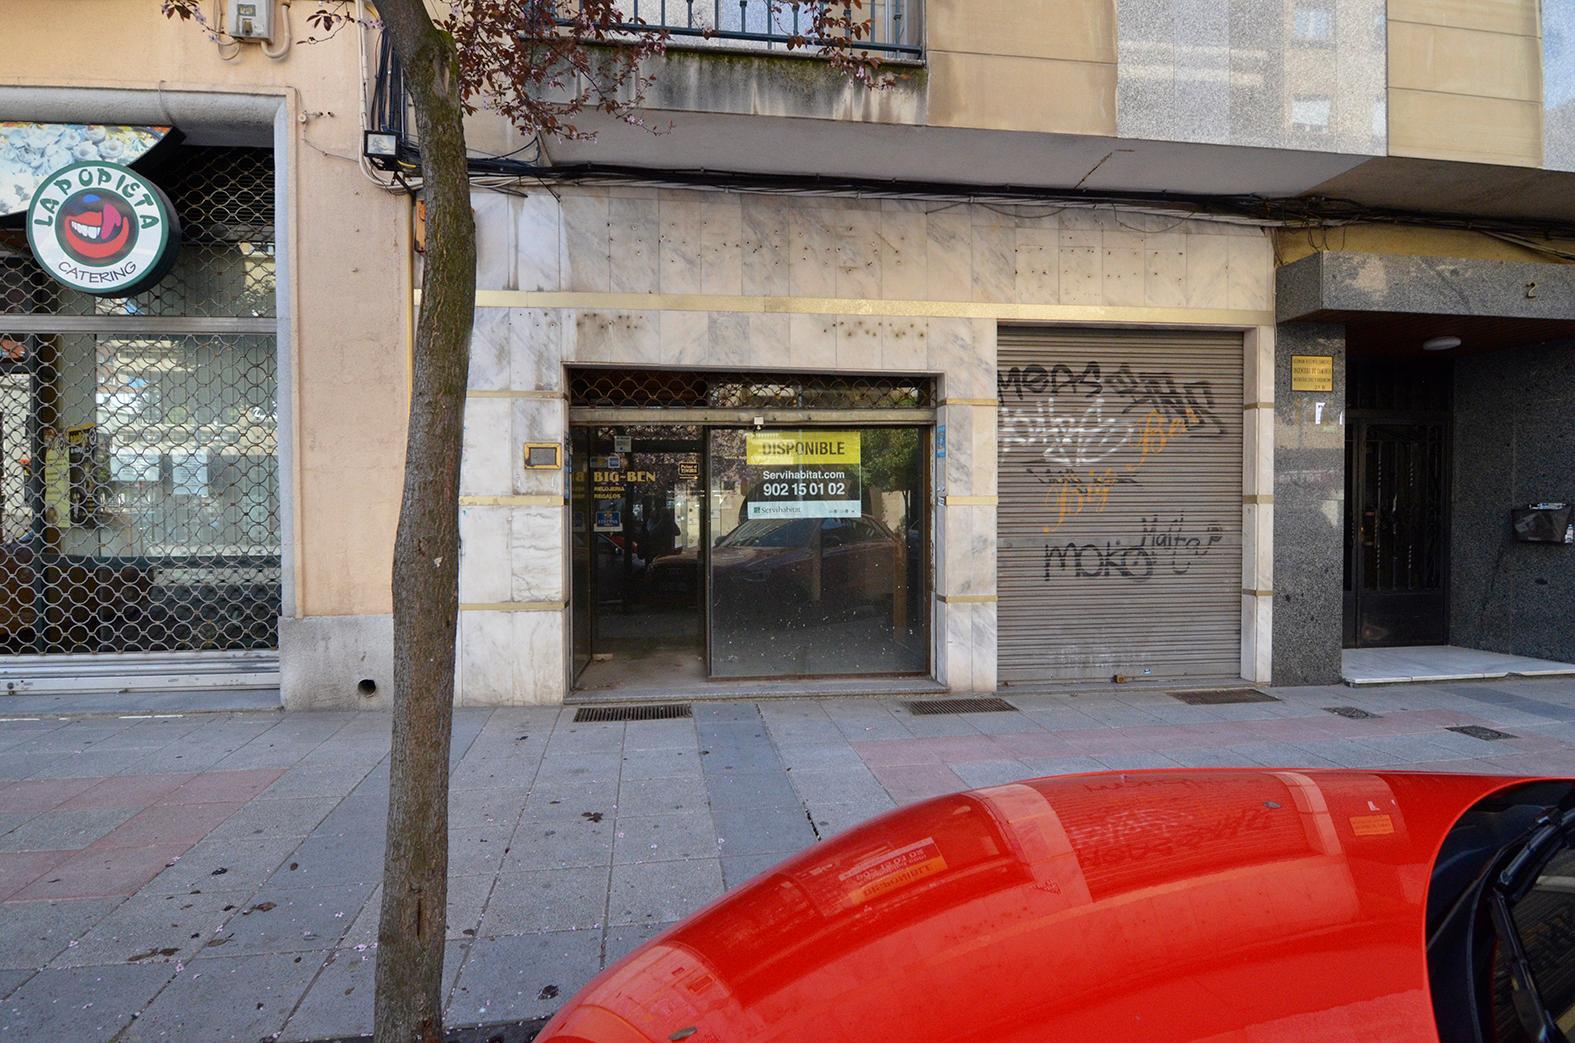 Local en venta en Labradores, Salamanca, Salamanca, Calle Gil de Ontañon, 129.000 €, 92 m2